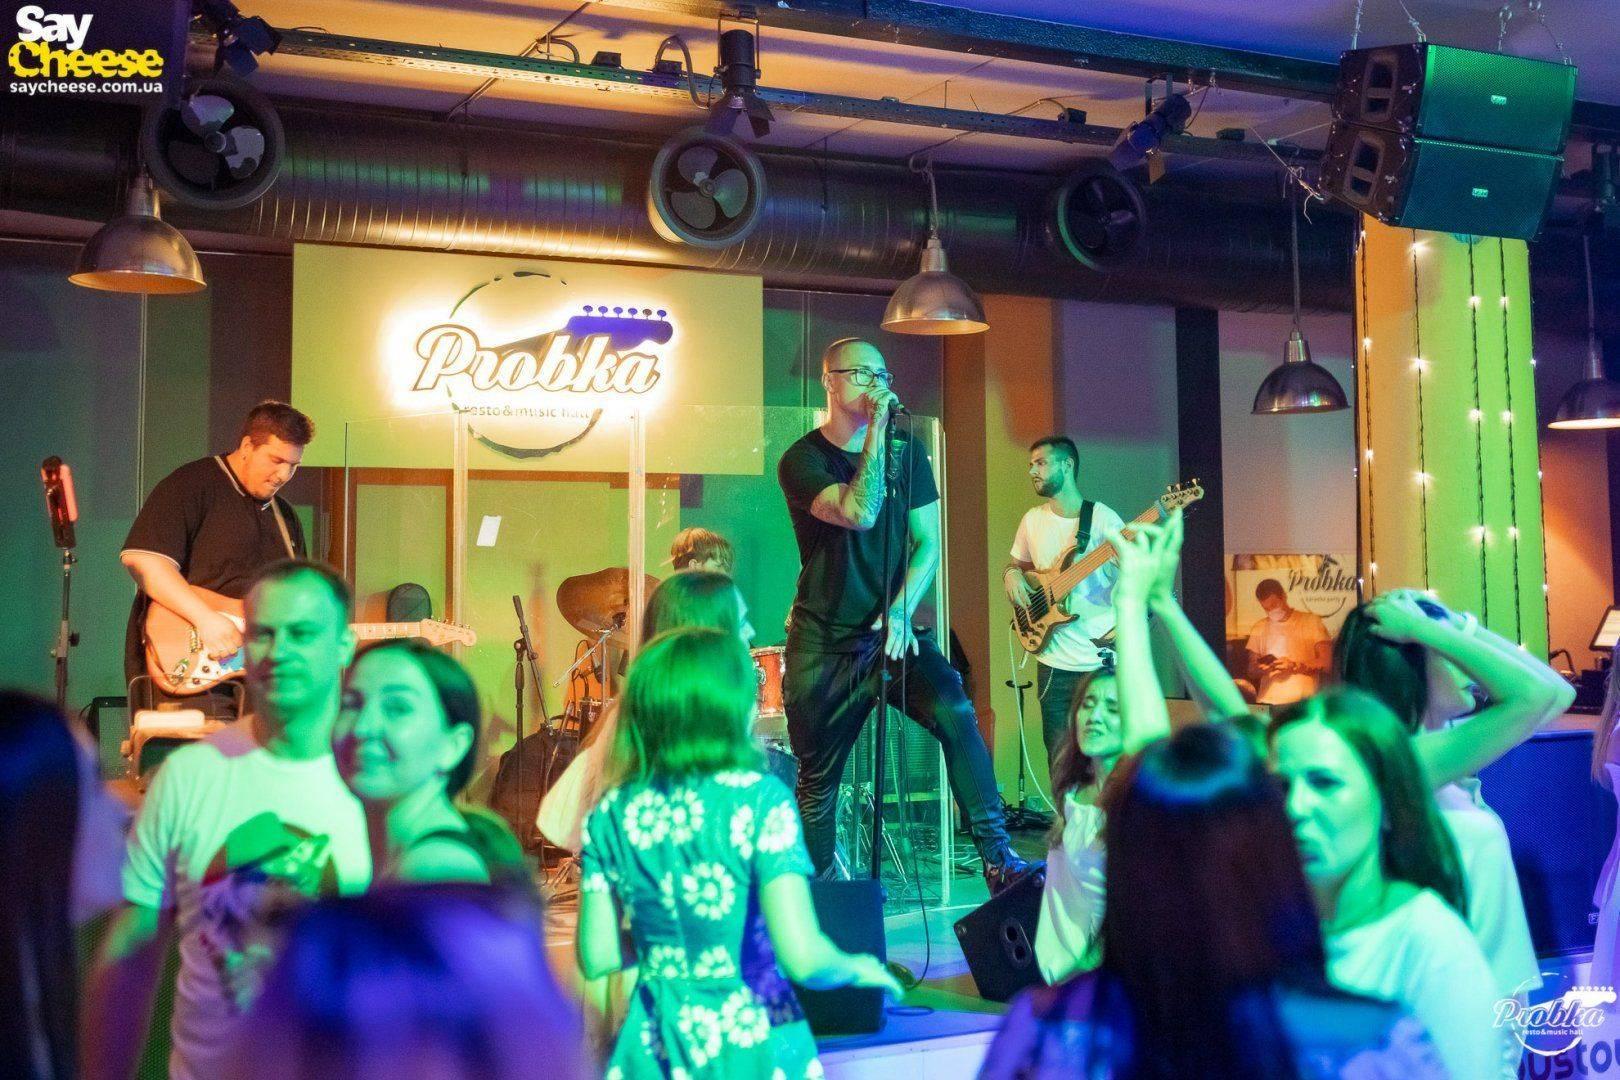 03-07 Probka Харьков фотоотчет Saycheese